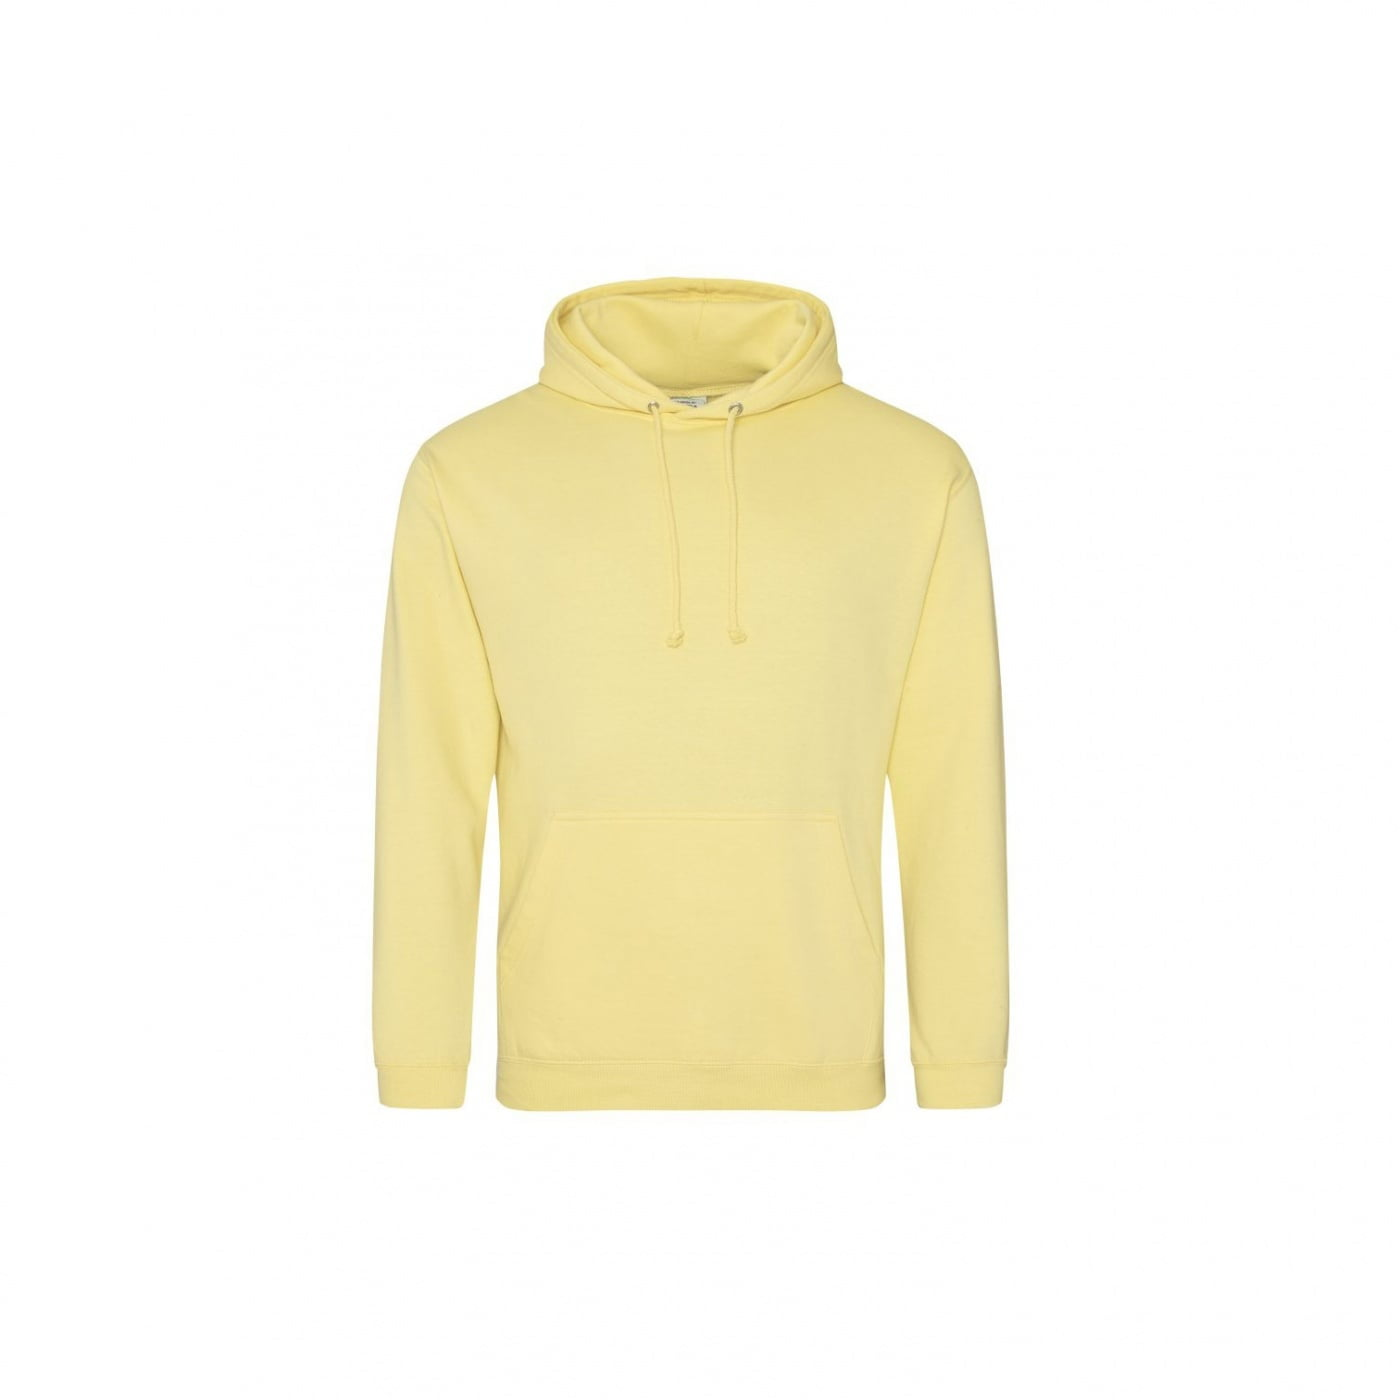 Bluzy - Bluza z kapturem College - Just Hoods JH001 - Sherbet Lemon - RAVEN - koszulki reklamowe z nadrukiem, odzież reklamowa i gastronomiczna